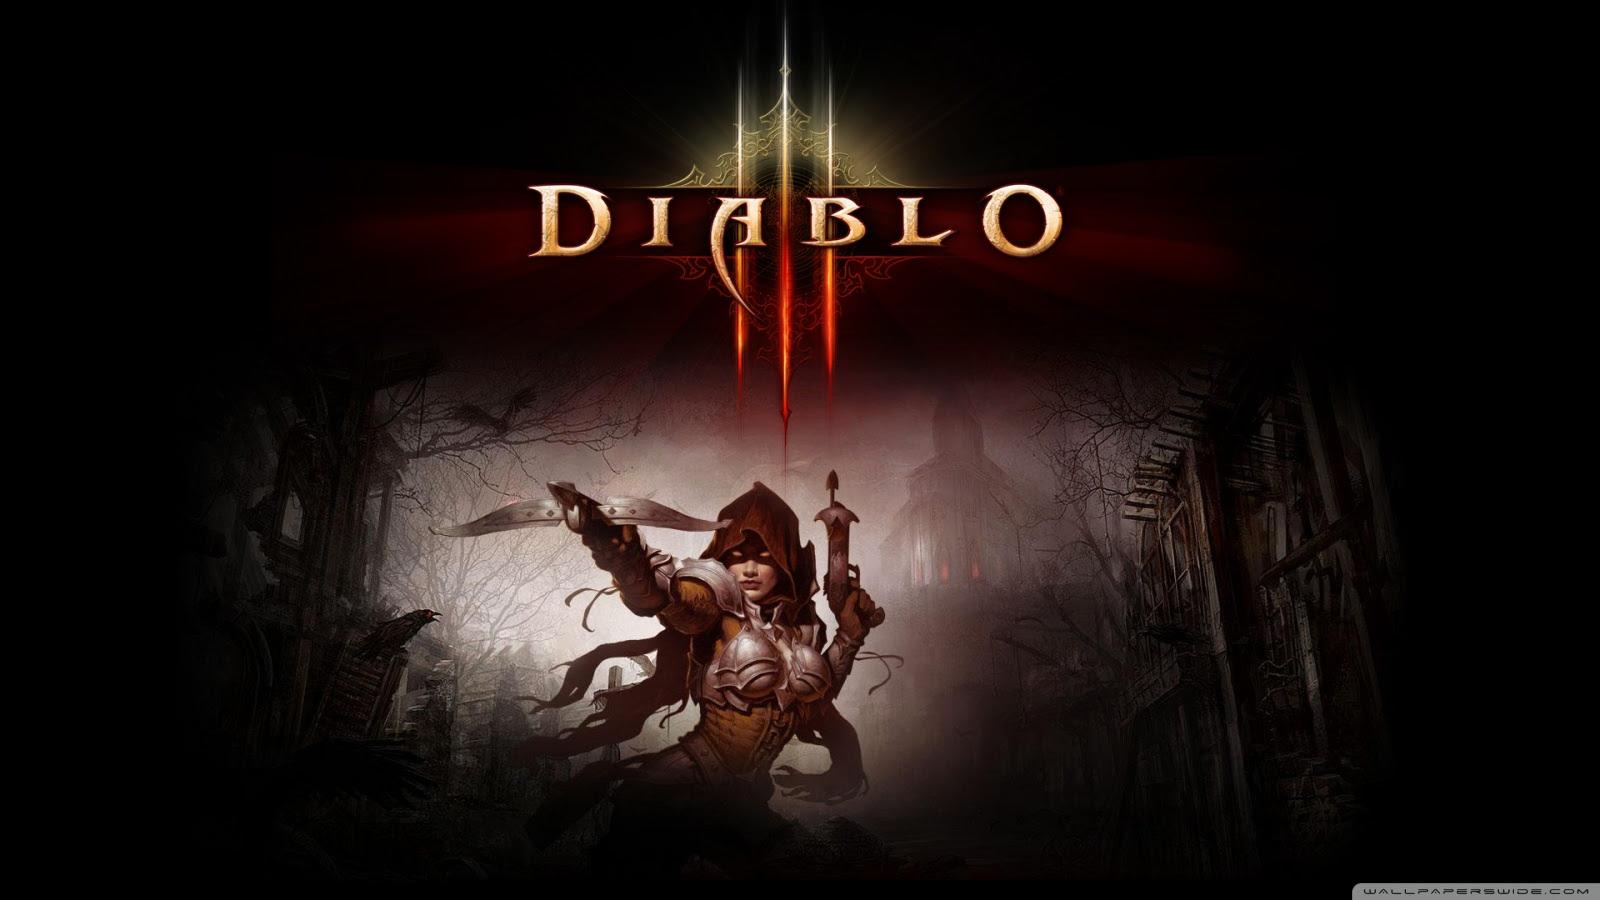 Diablo 3 Ultra Hd Desktop Background Wallpaper For 4k Uhd Tv